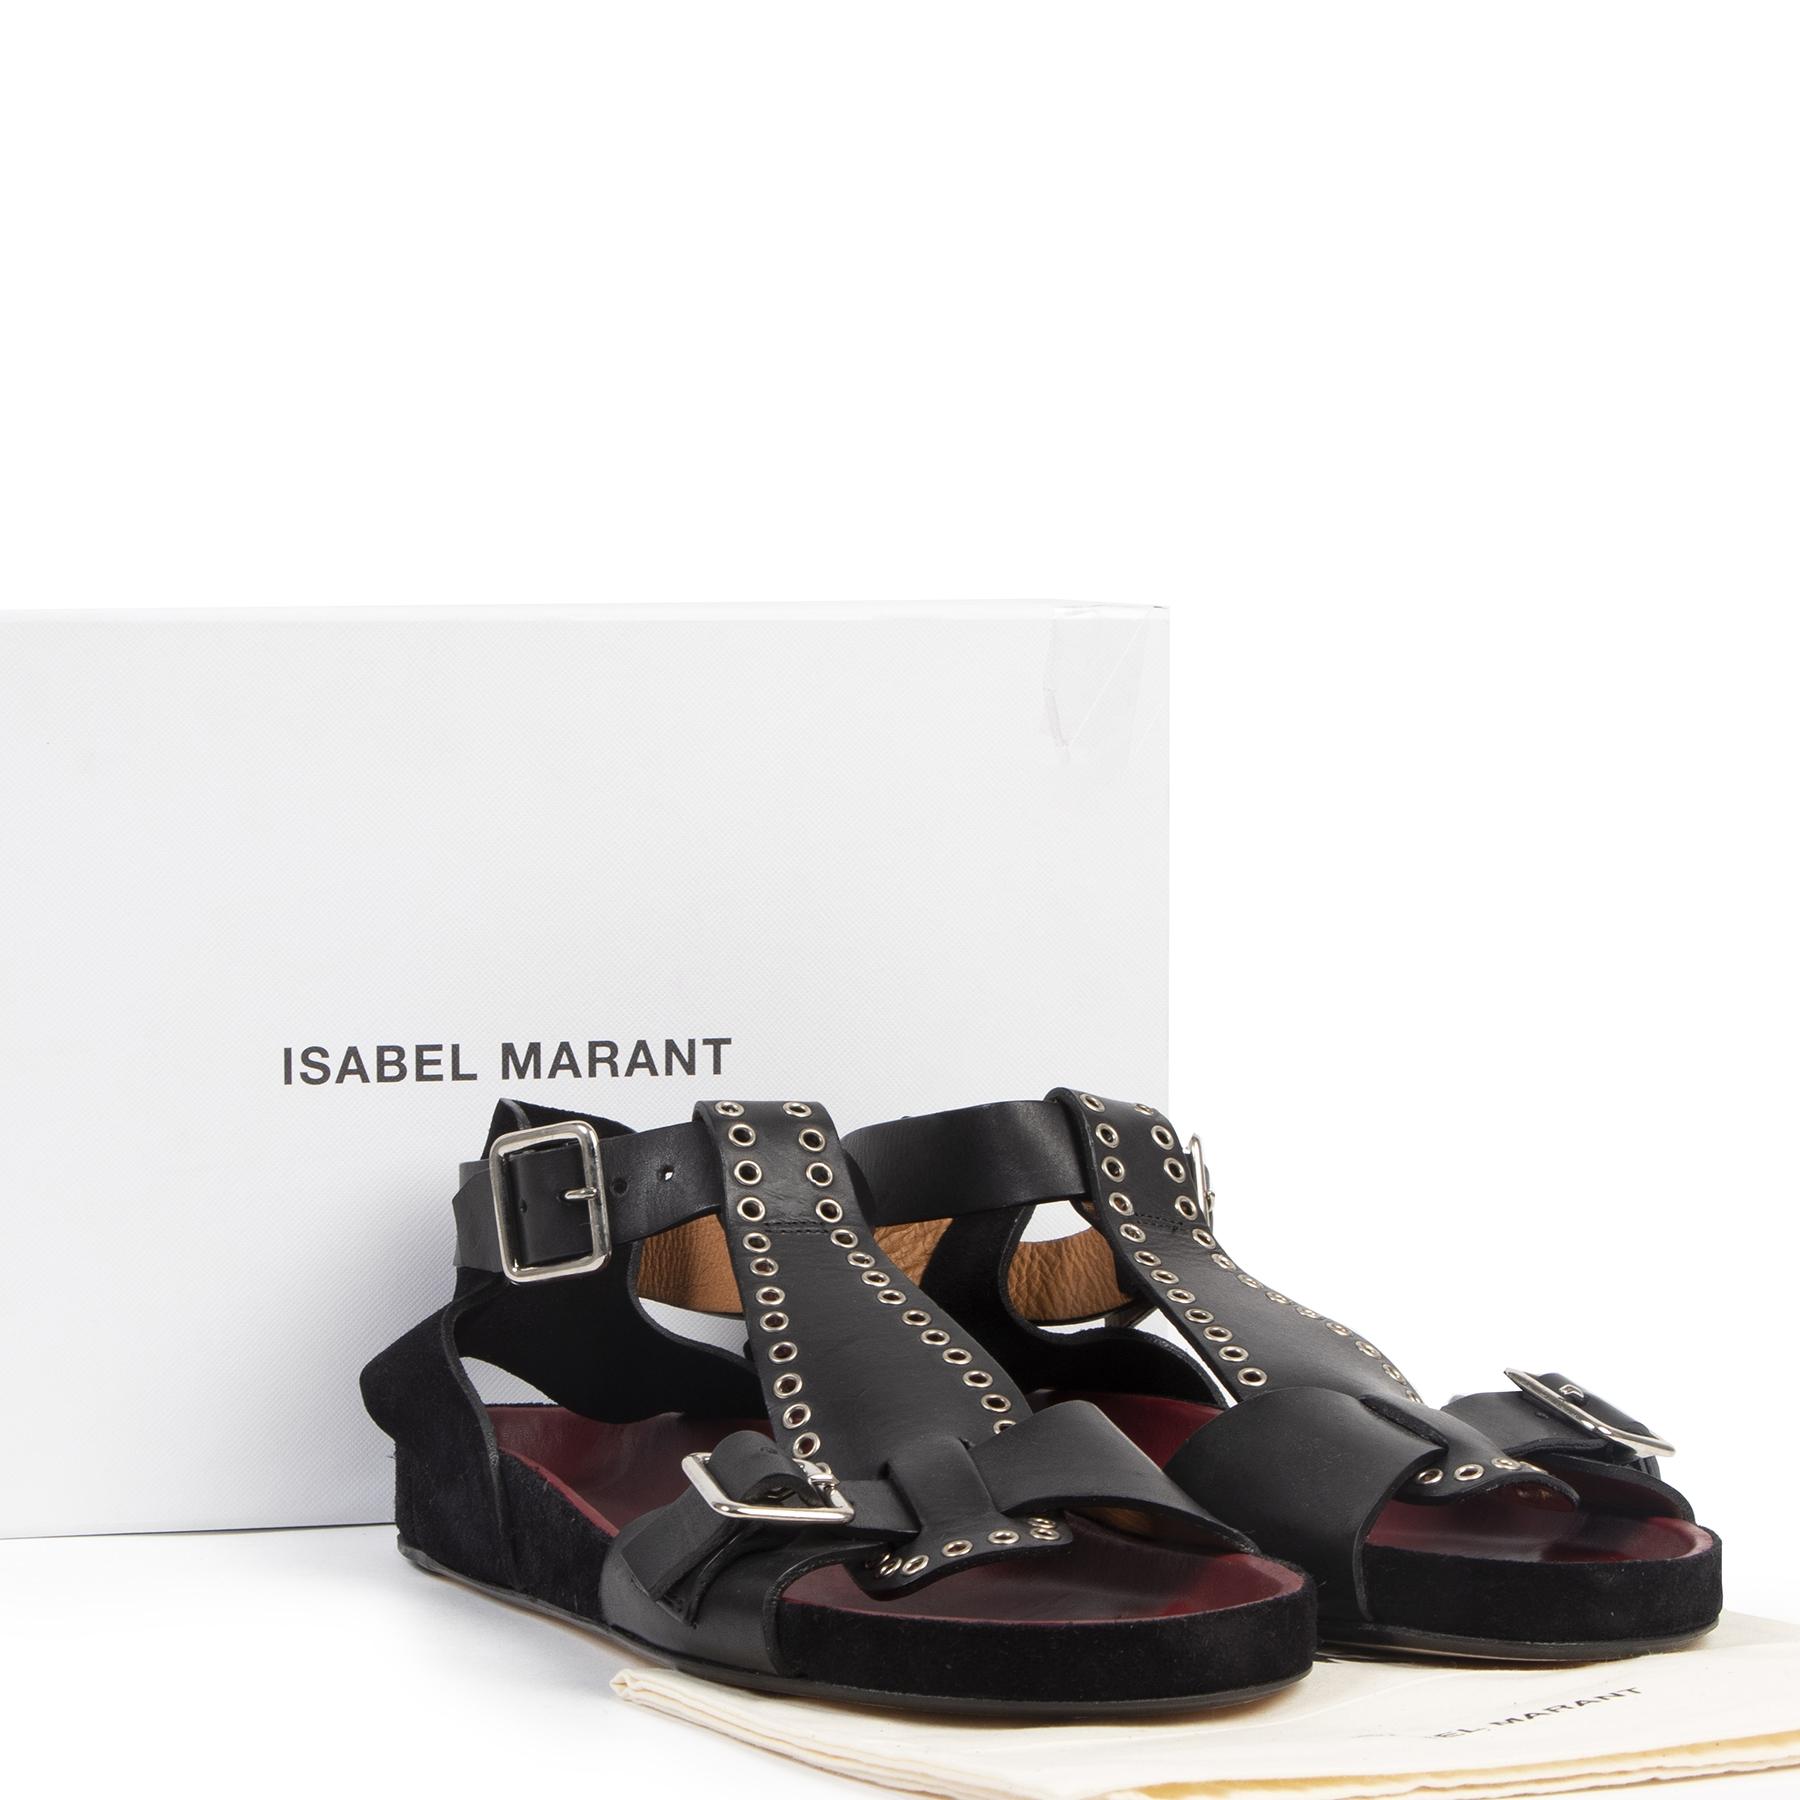 Isabel Marant Eyelet Sandals - size 40